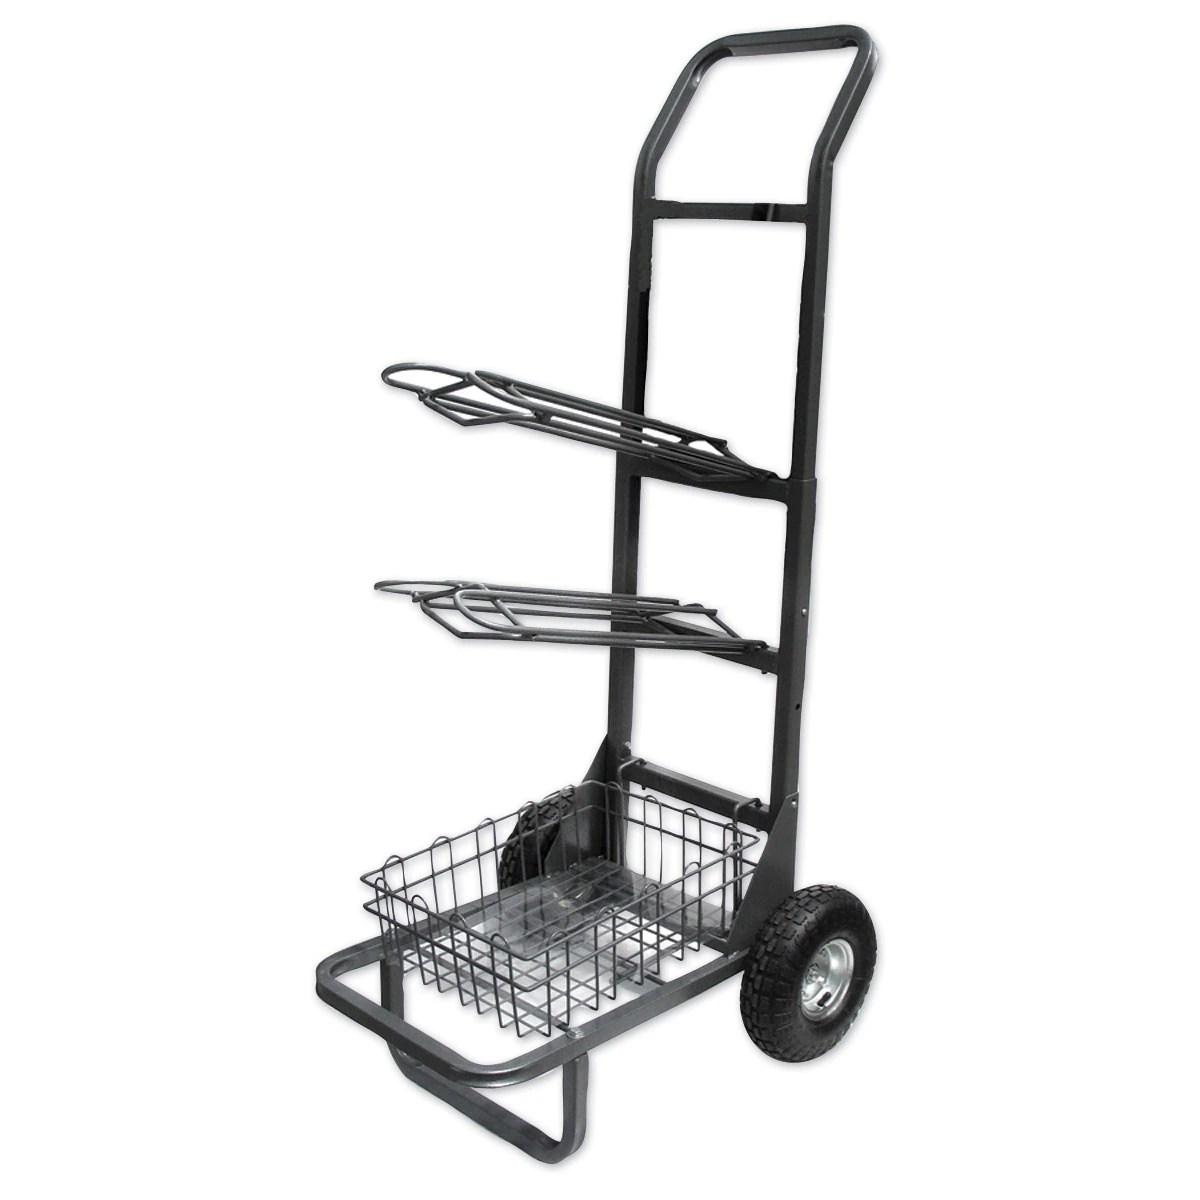 Two Wheel Saddle Rack Cart